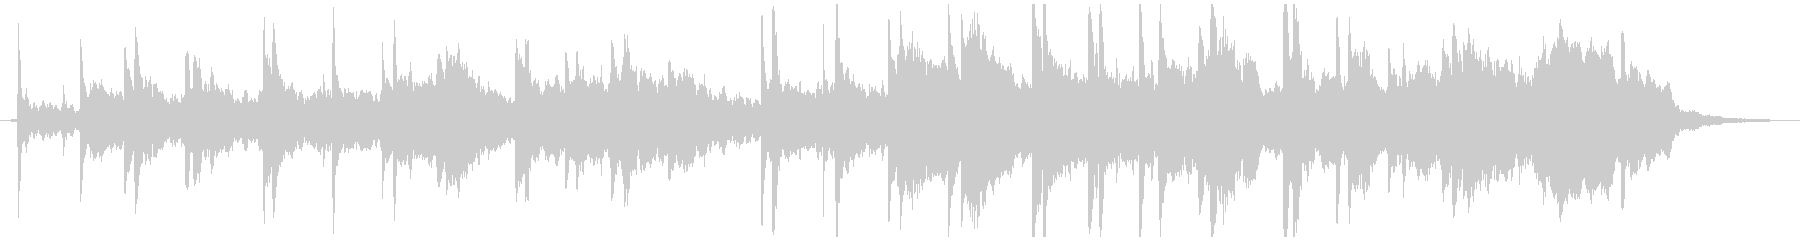 現代的 交響曲 モダン 実験的 ア...の未再生の波形